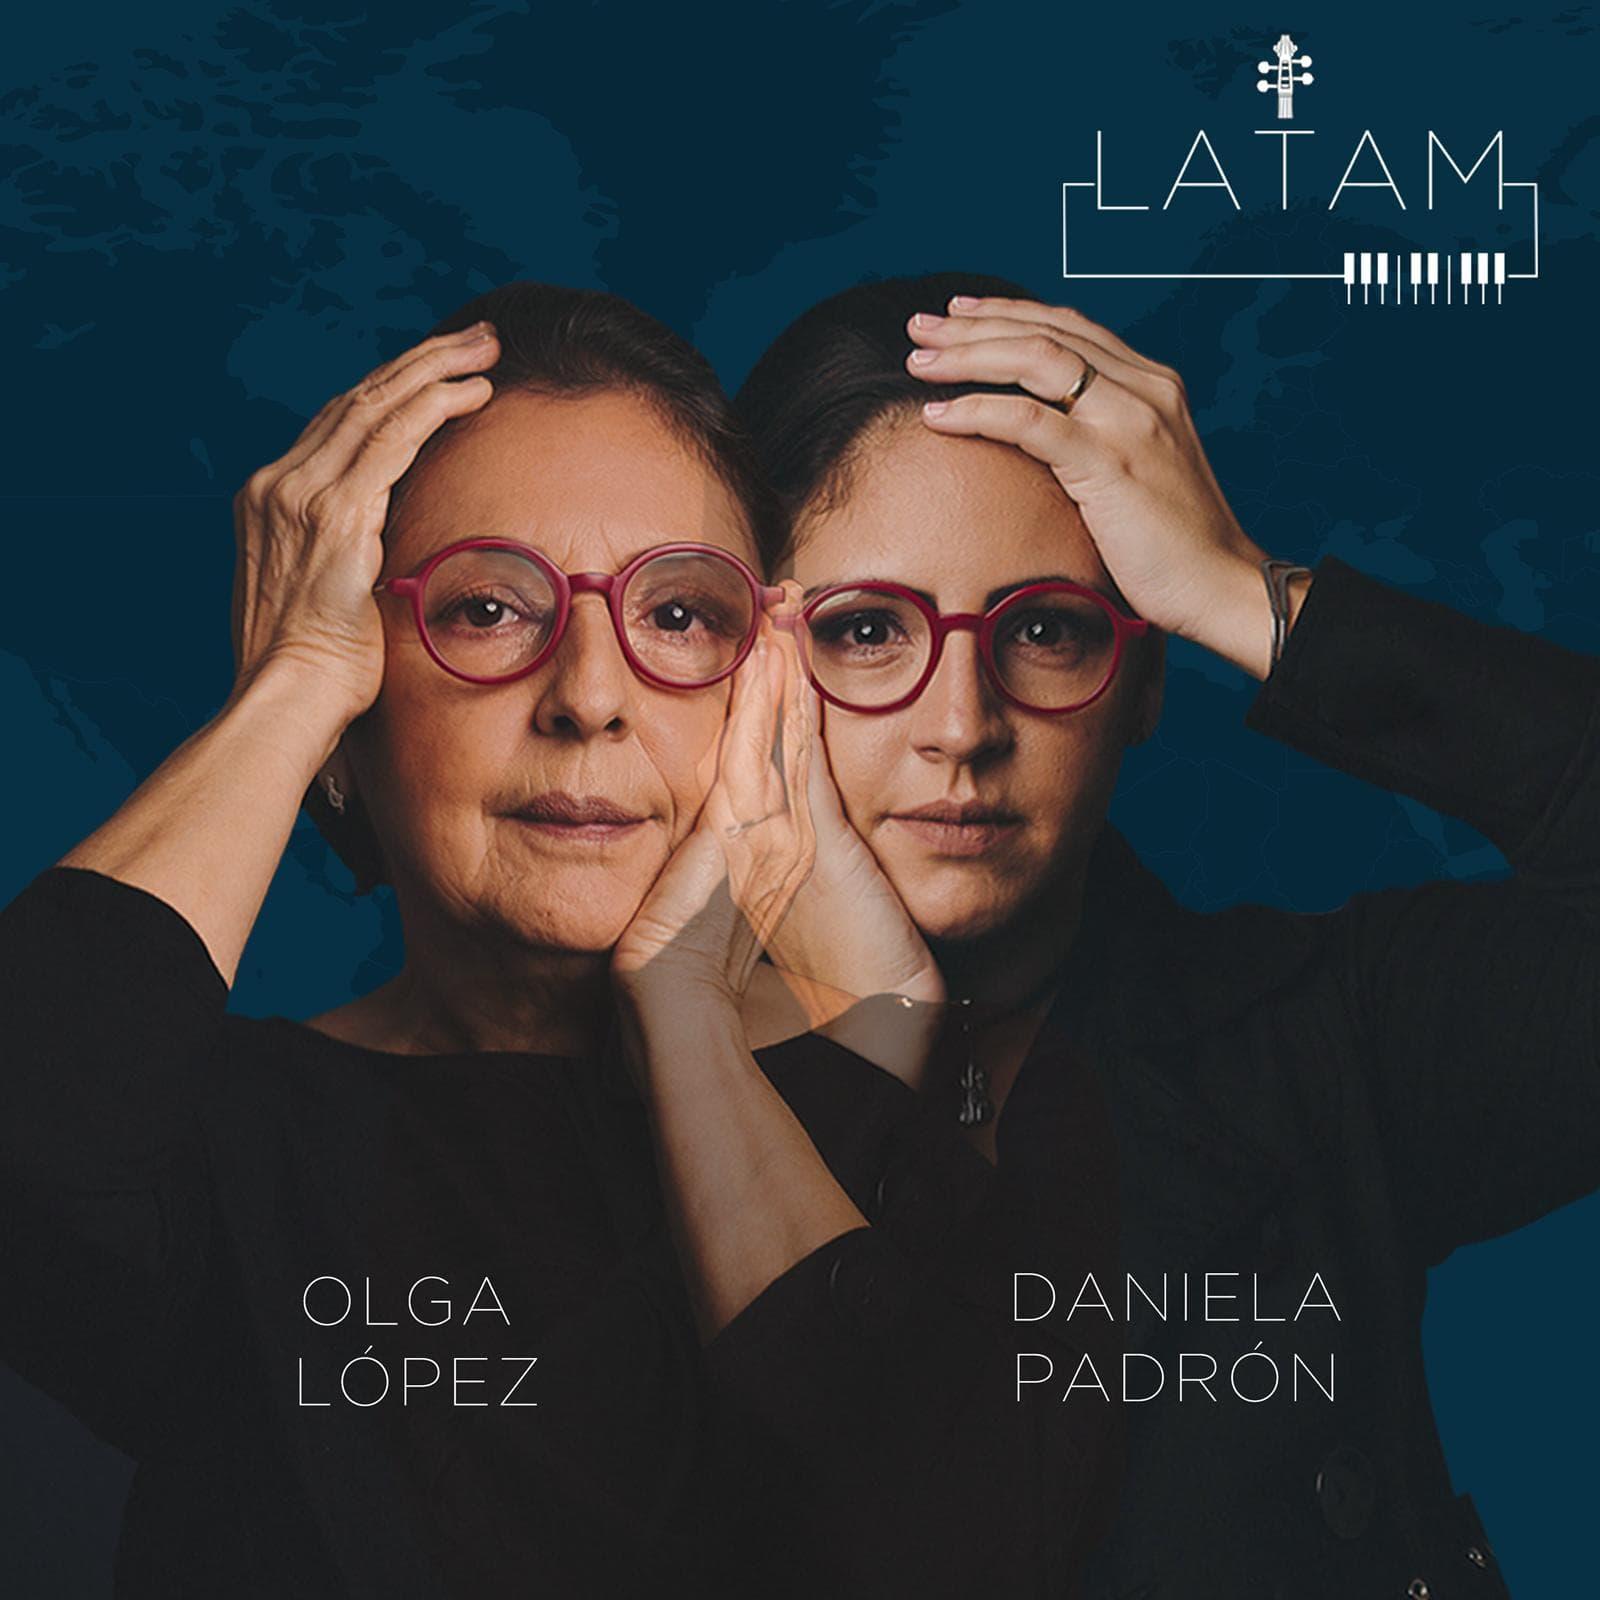 Album cover-Daniela & Olga LATAM